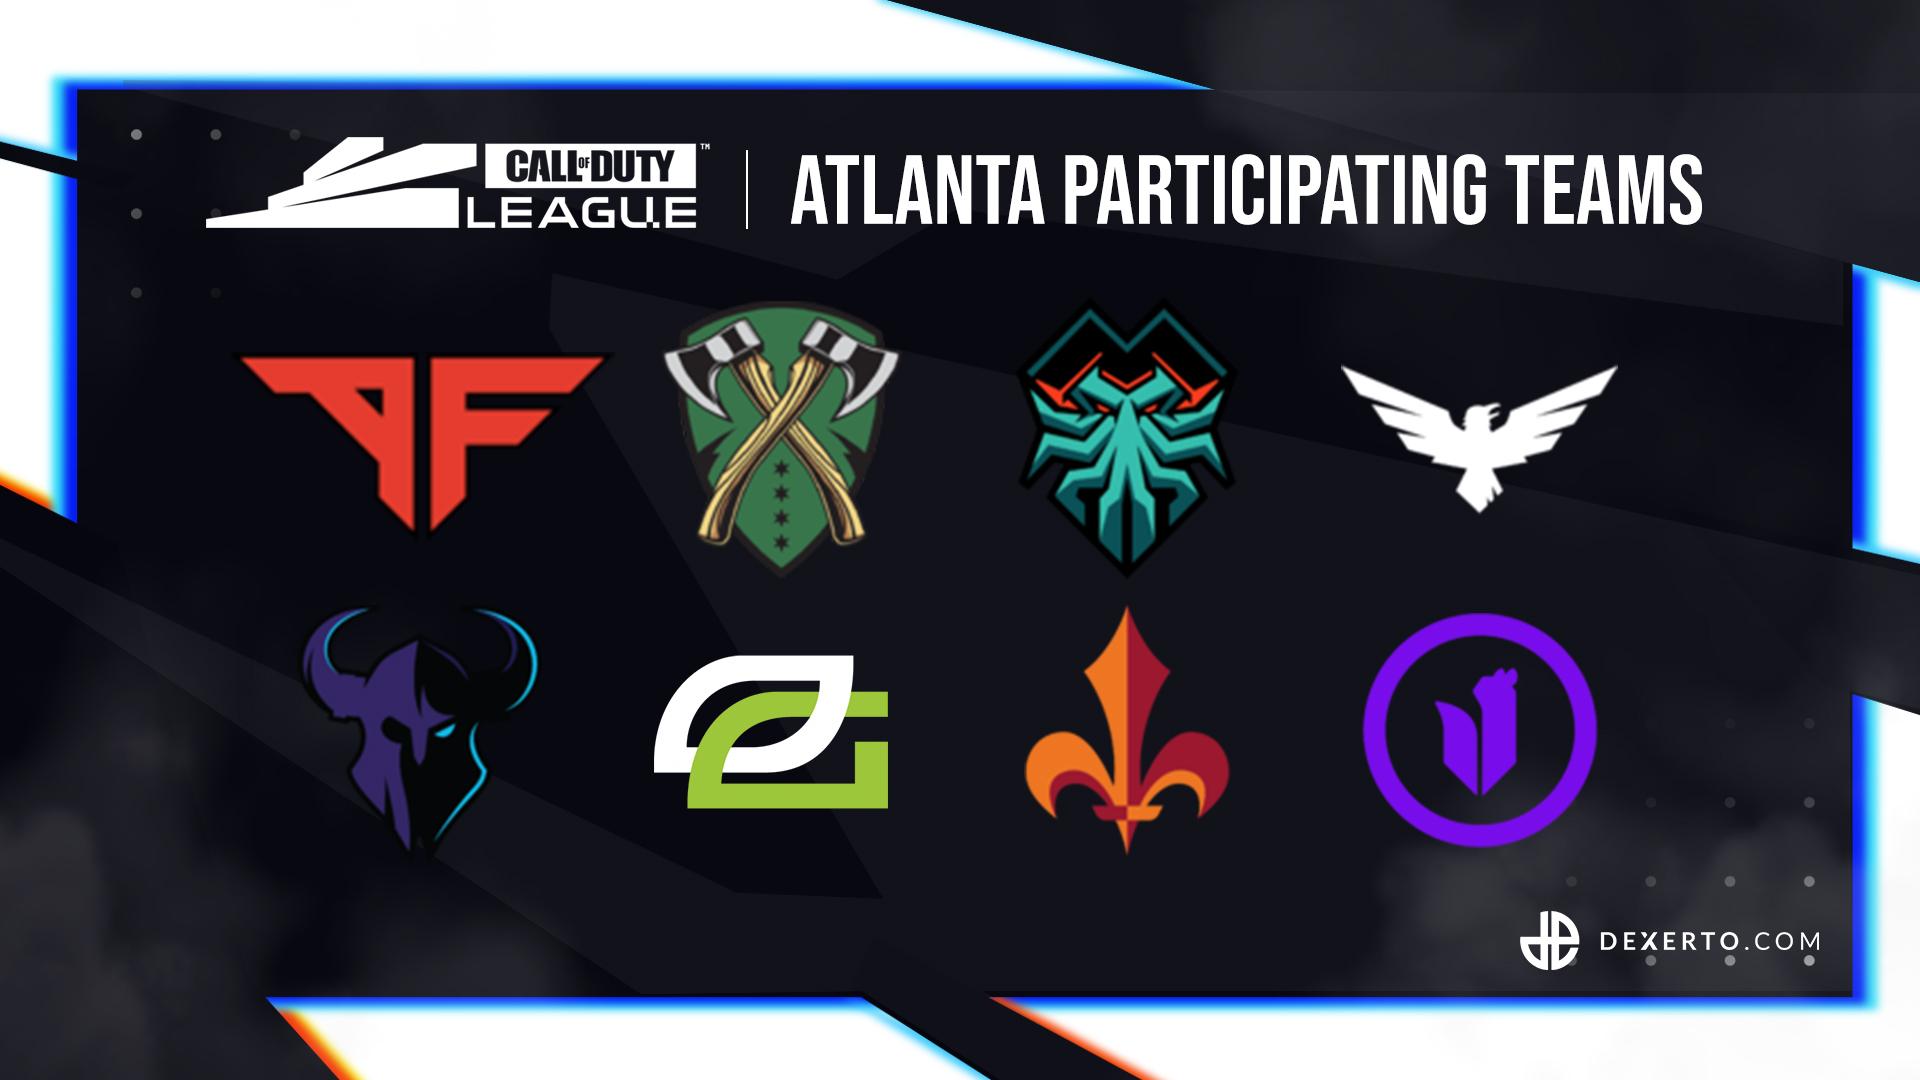 CDL Atlanta's teams.